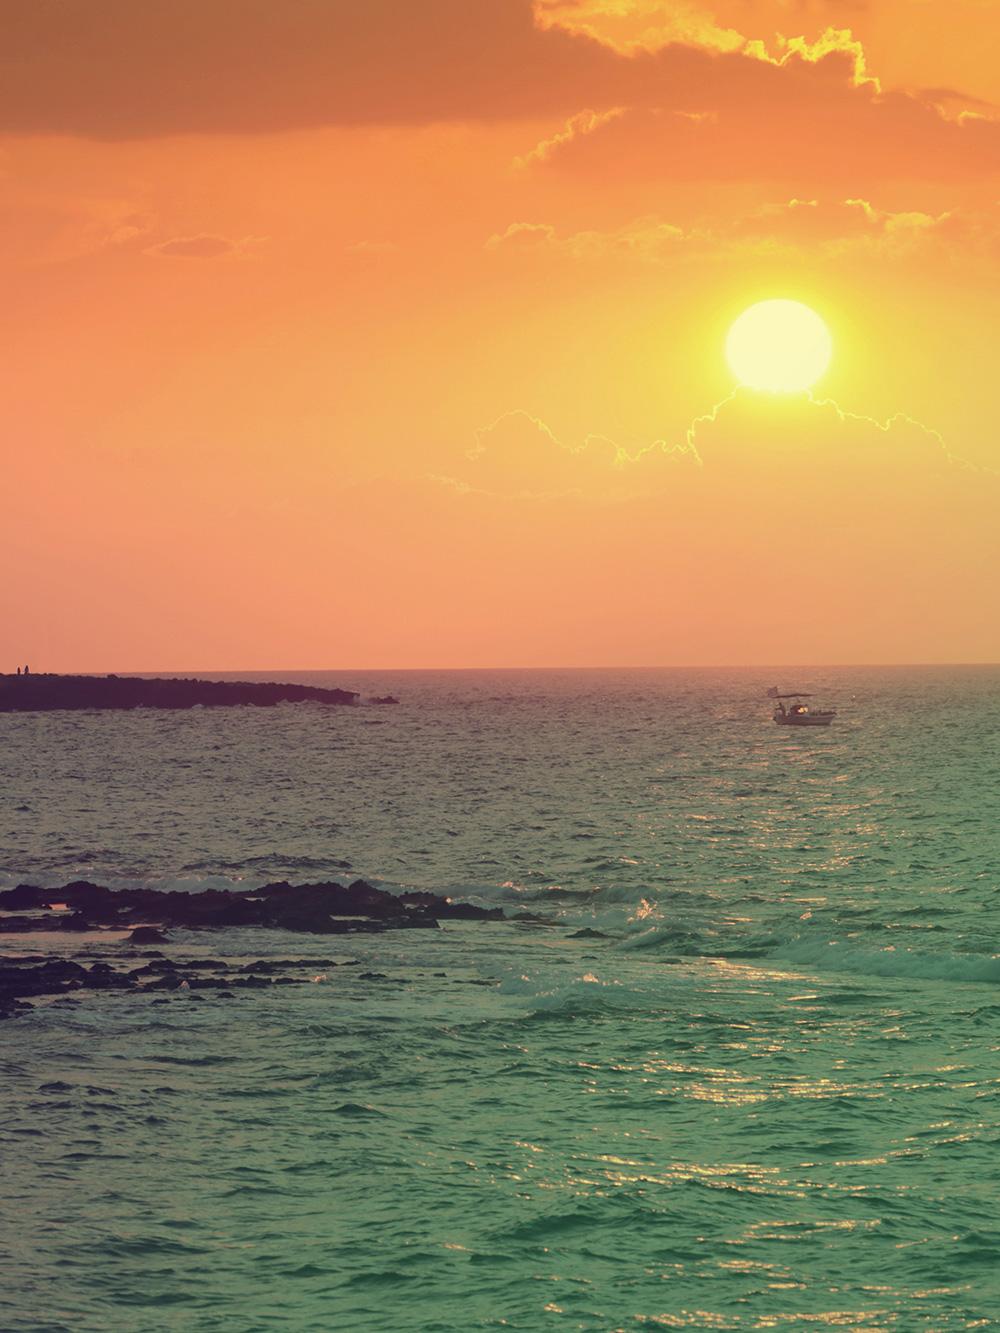 Manifestiere aus dem Ozean an Möglichkeiten